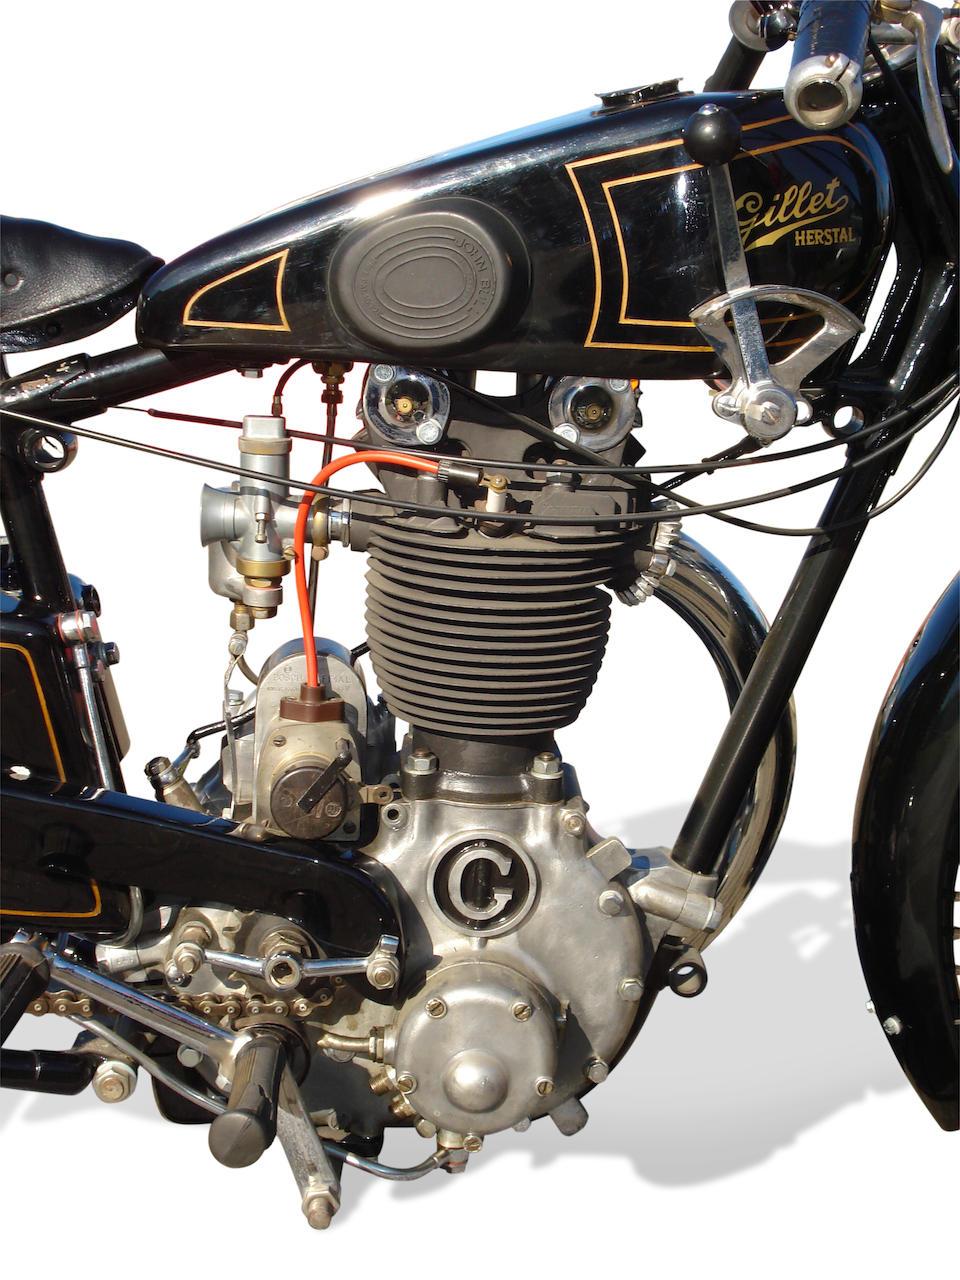 c.1929 Gillet-Herstal 500cc Sport/Competition  Frame no. 31531 Engine no. 31531